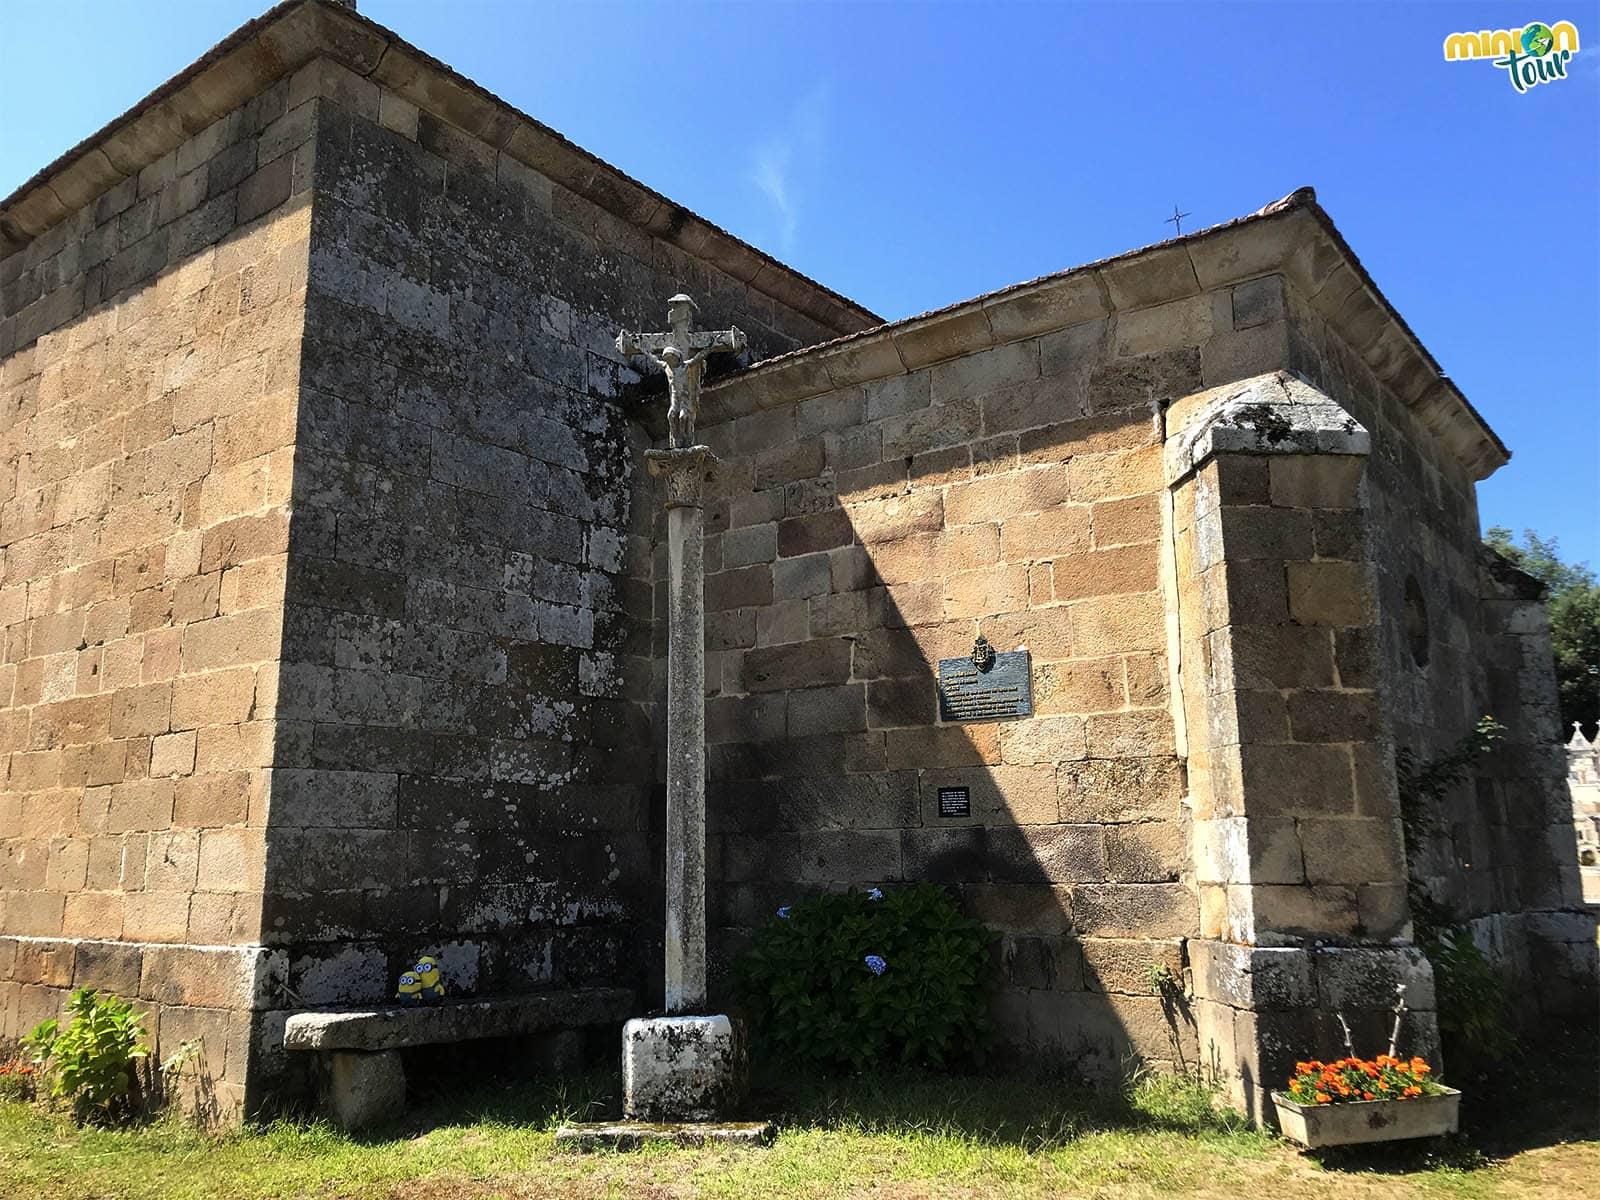 Dos Minions en Vilanova dos Infantes